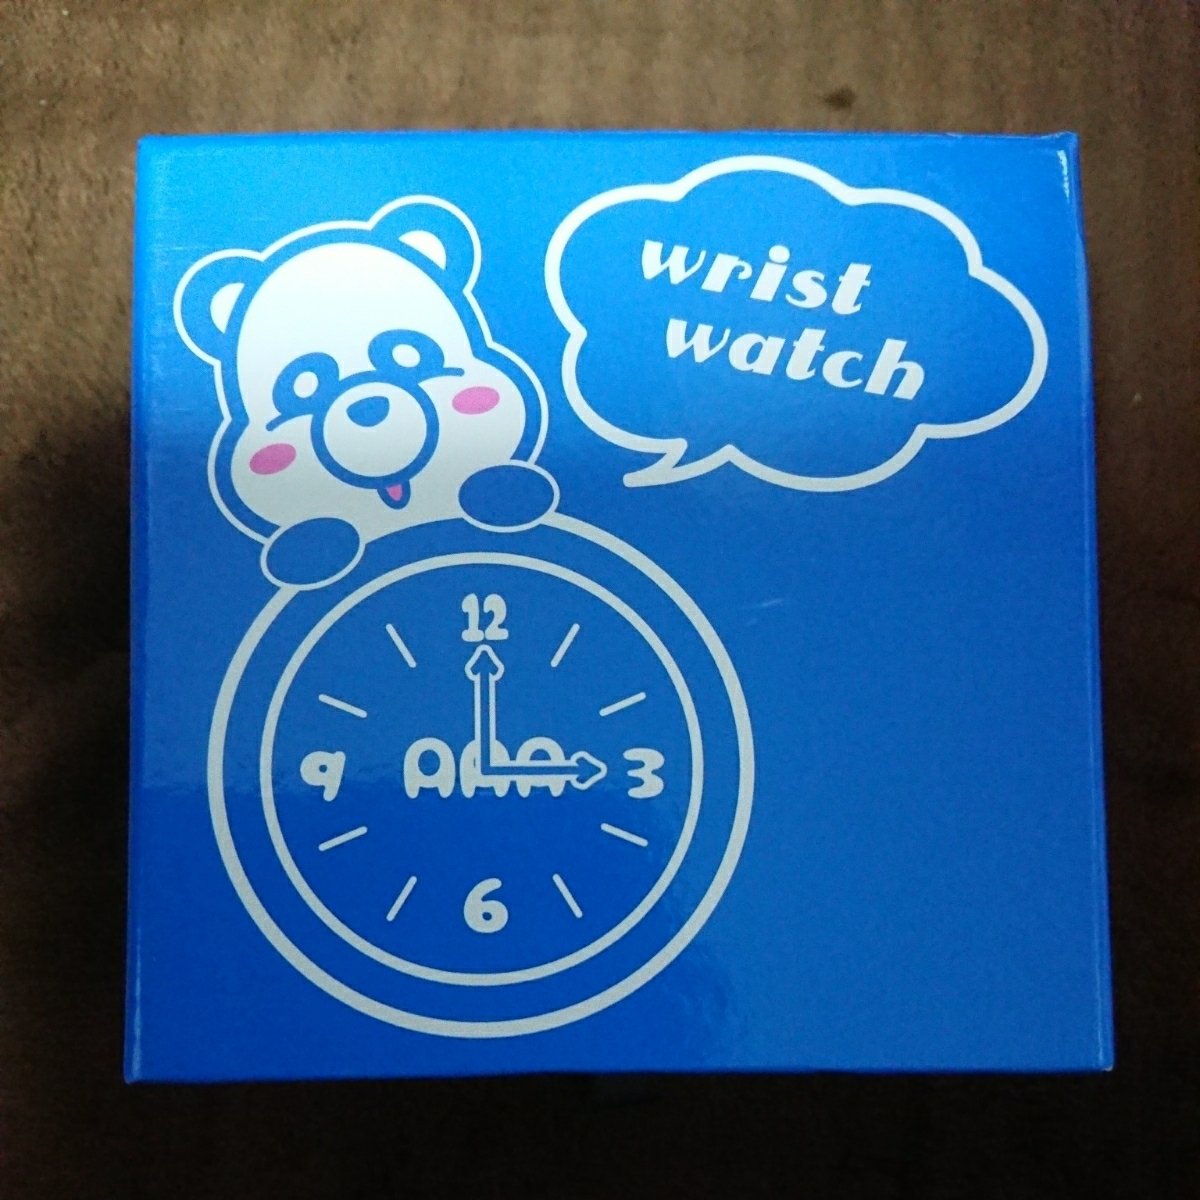 新品未使用 【AAA トリプルエー】 え~パンダ リストウォッチ 腕時計 與真司郎 ブルー 青 プライズ えーパンダ_画像2